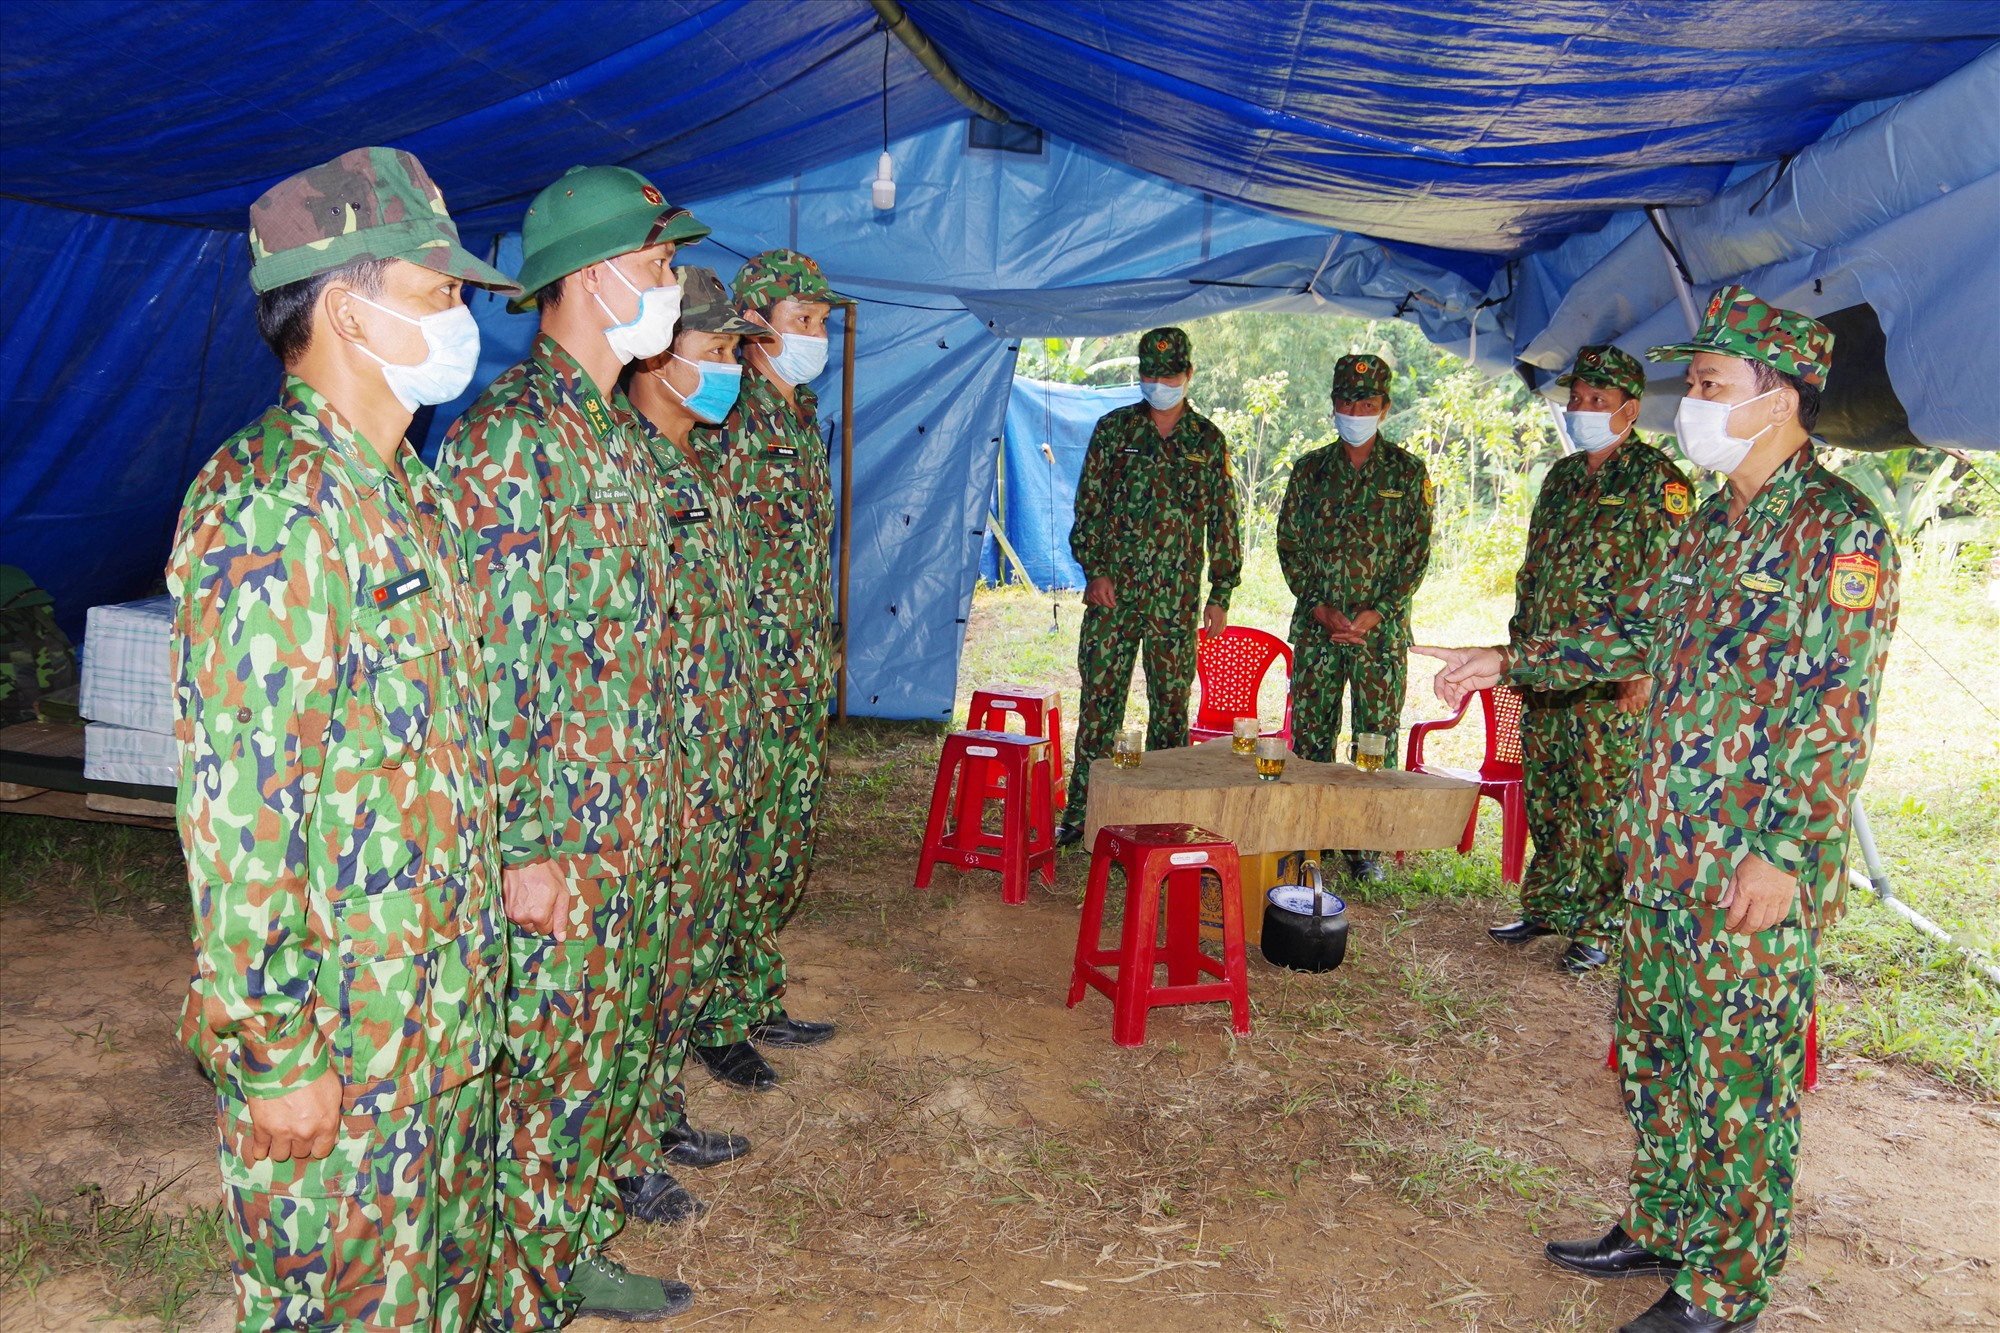 Đại tá Nguyễn Bá Thông - Chỉ huy trưởng BĐBP tỉnh (bên phải) kiểm tra, động viên lực lượng cắm chốt phòng chống dịch bệnh Covid-19 tại biên giới của huyện Nam Giang. Ảnh VĂN VINH